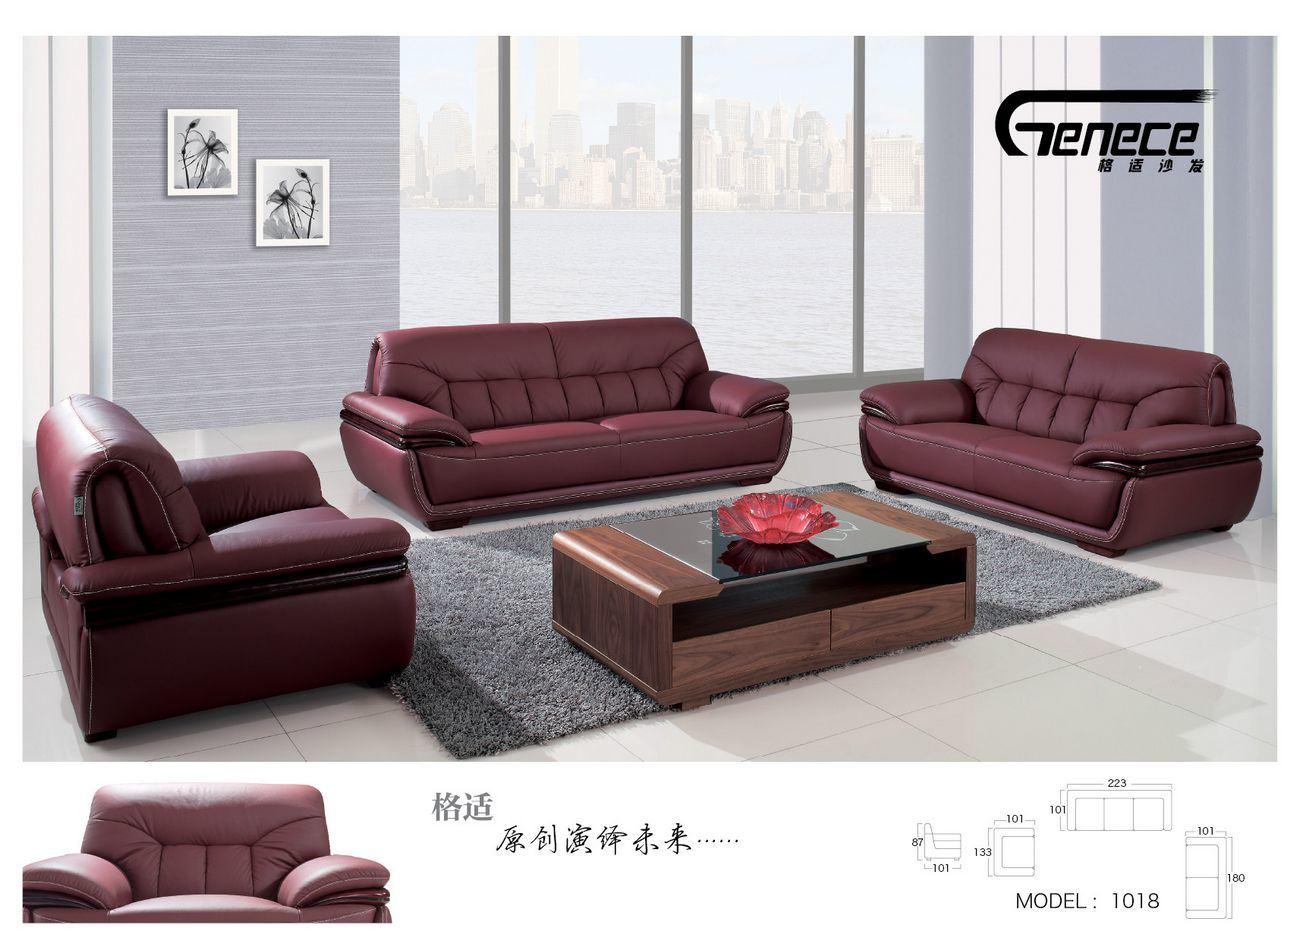 Leather Sofa - 1018 - China Sofa, Furniture